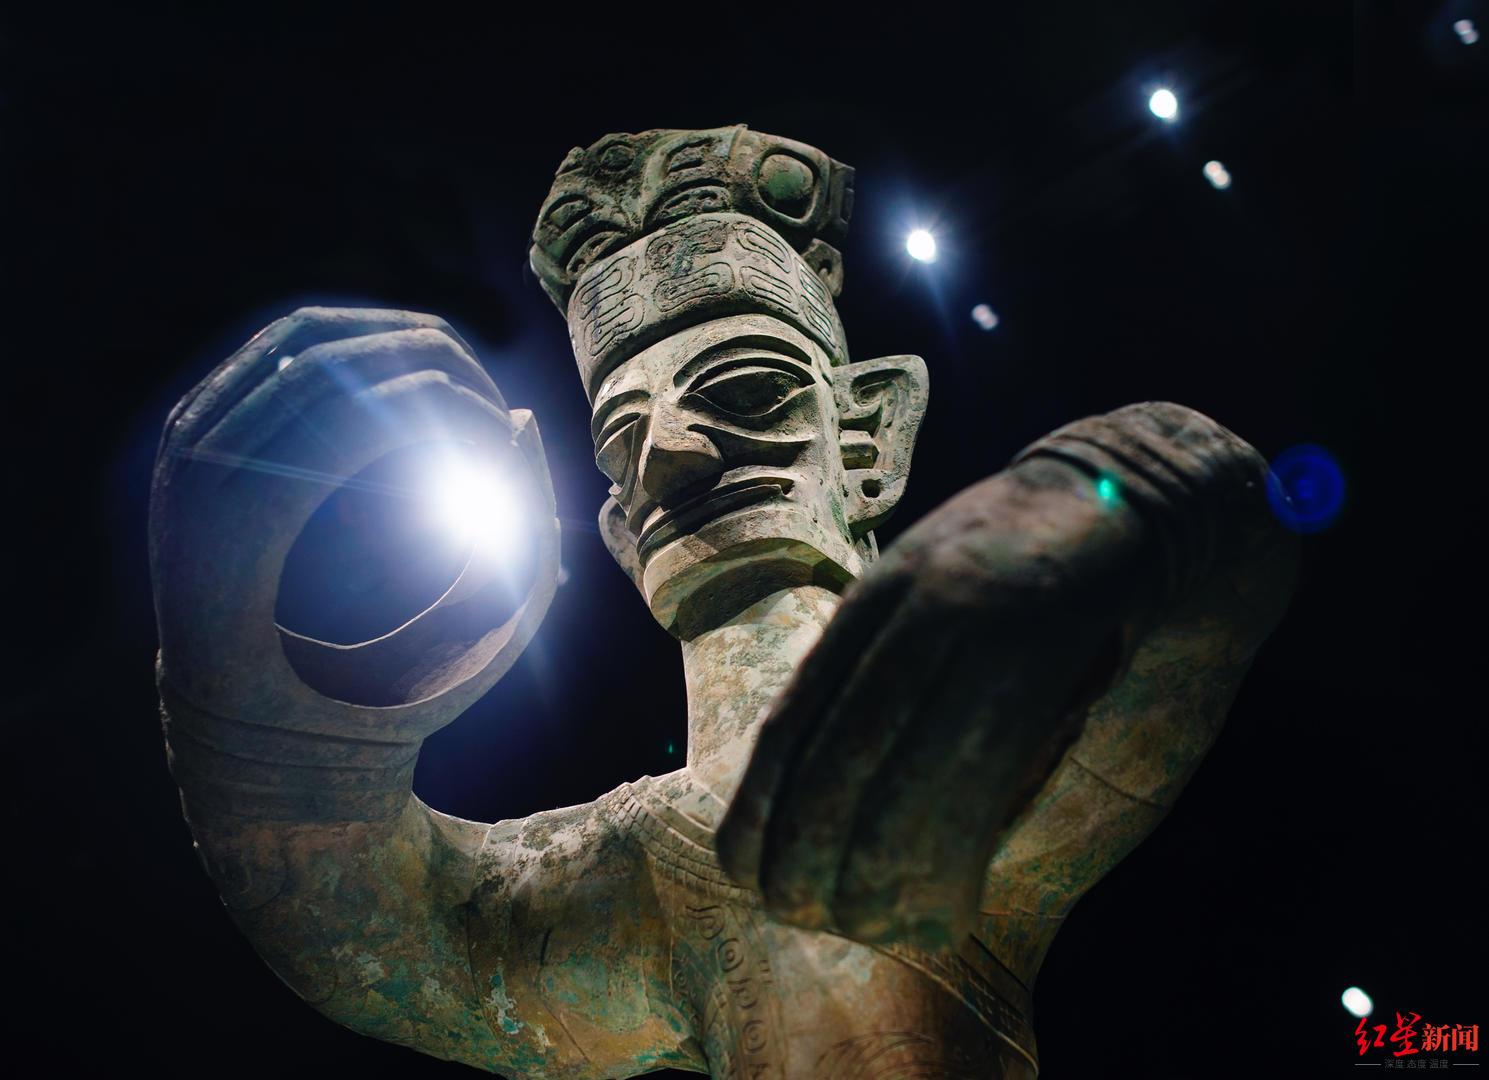 2020年9月27日,四川省德阳市三星堆博物馆。时隔34年三星堆重开导掘,大概博物馆里的这些隐秘将获得发表。图为:青铜大立人。